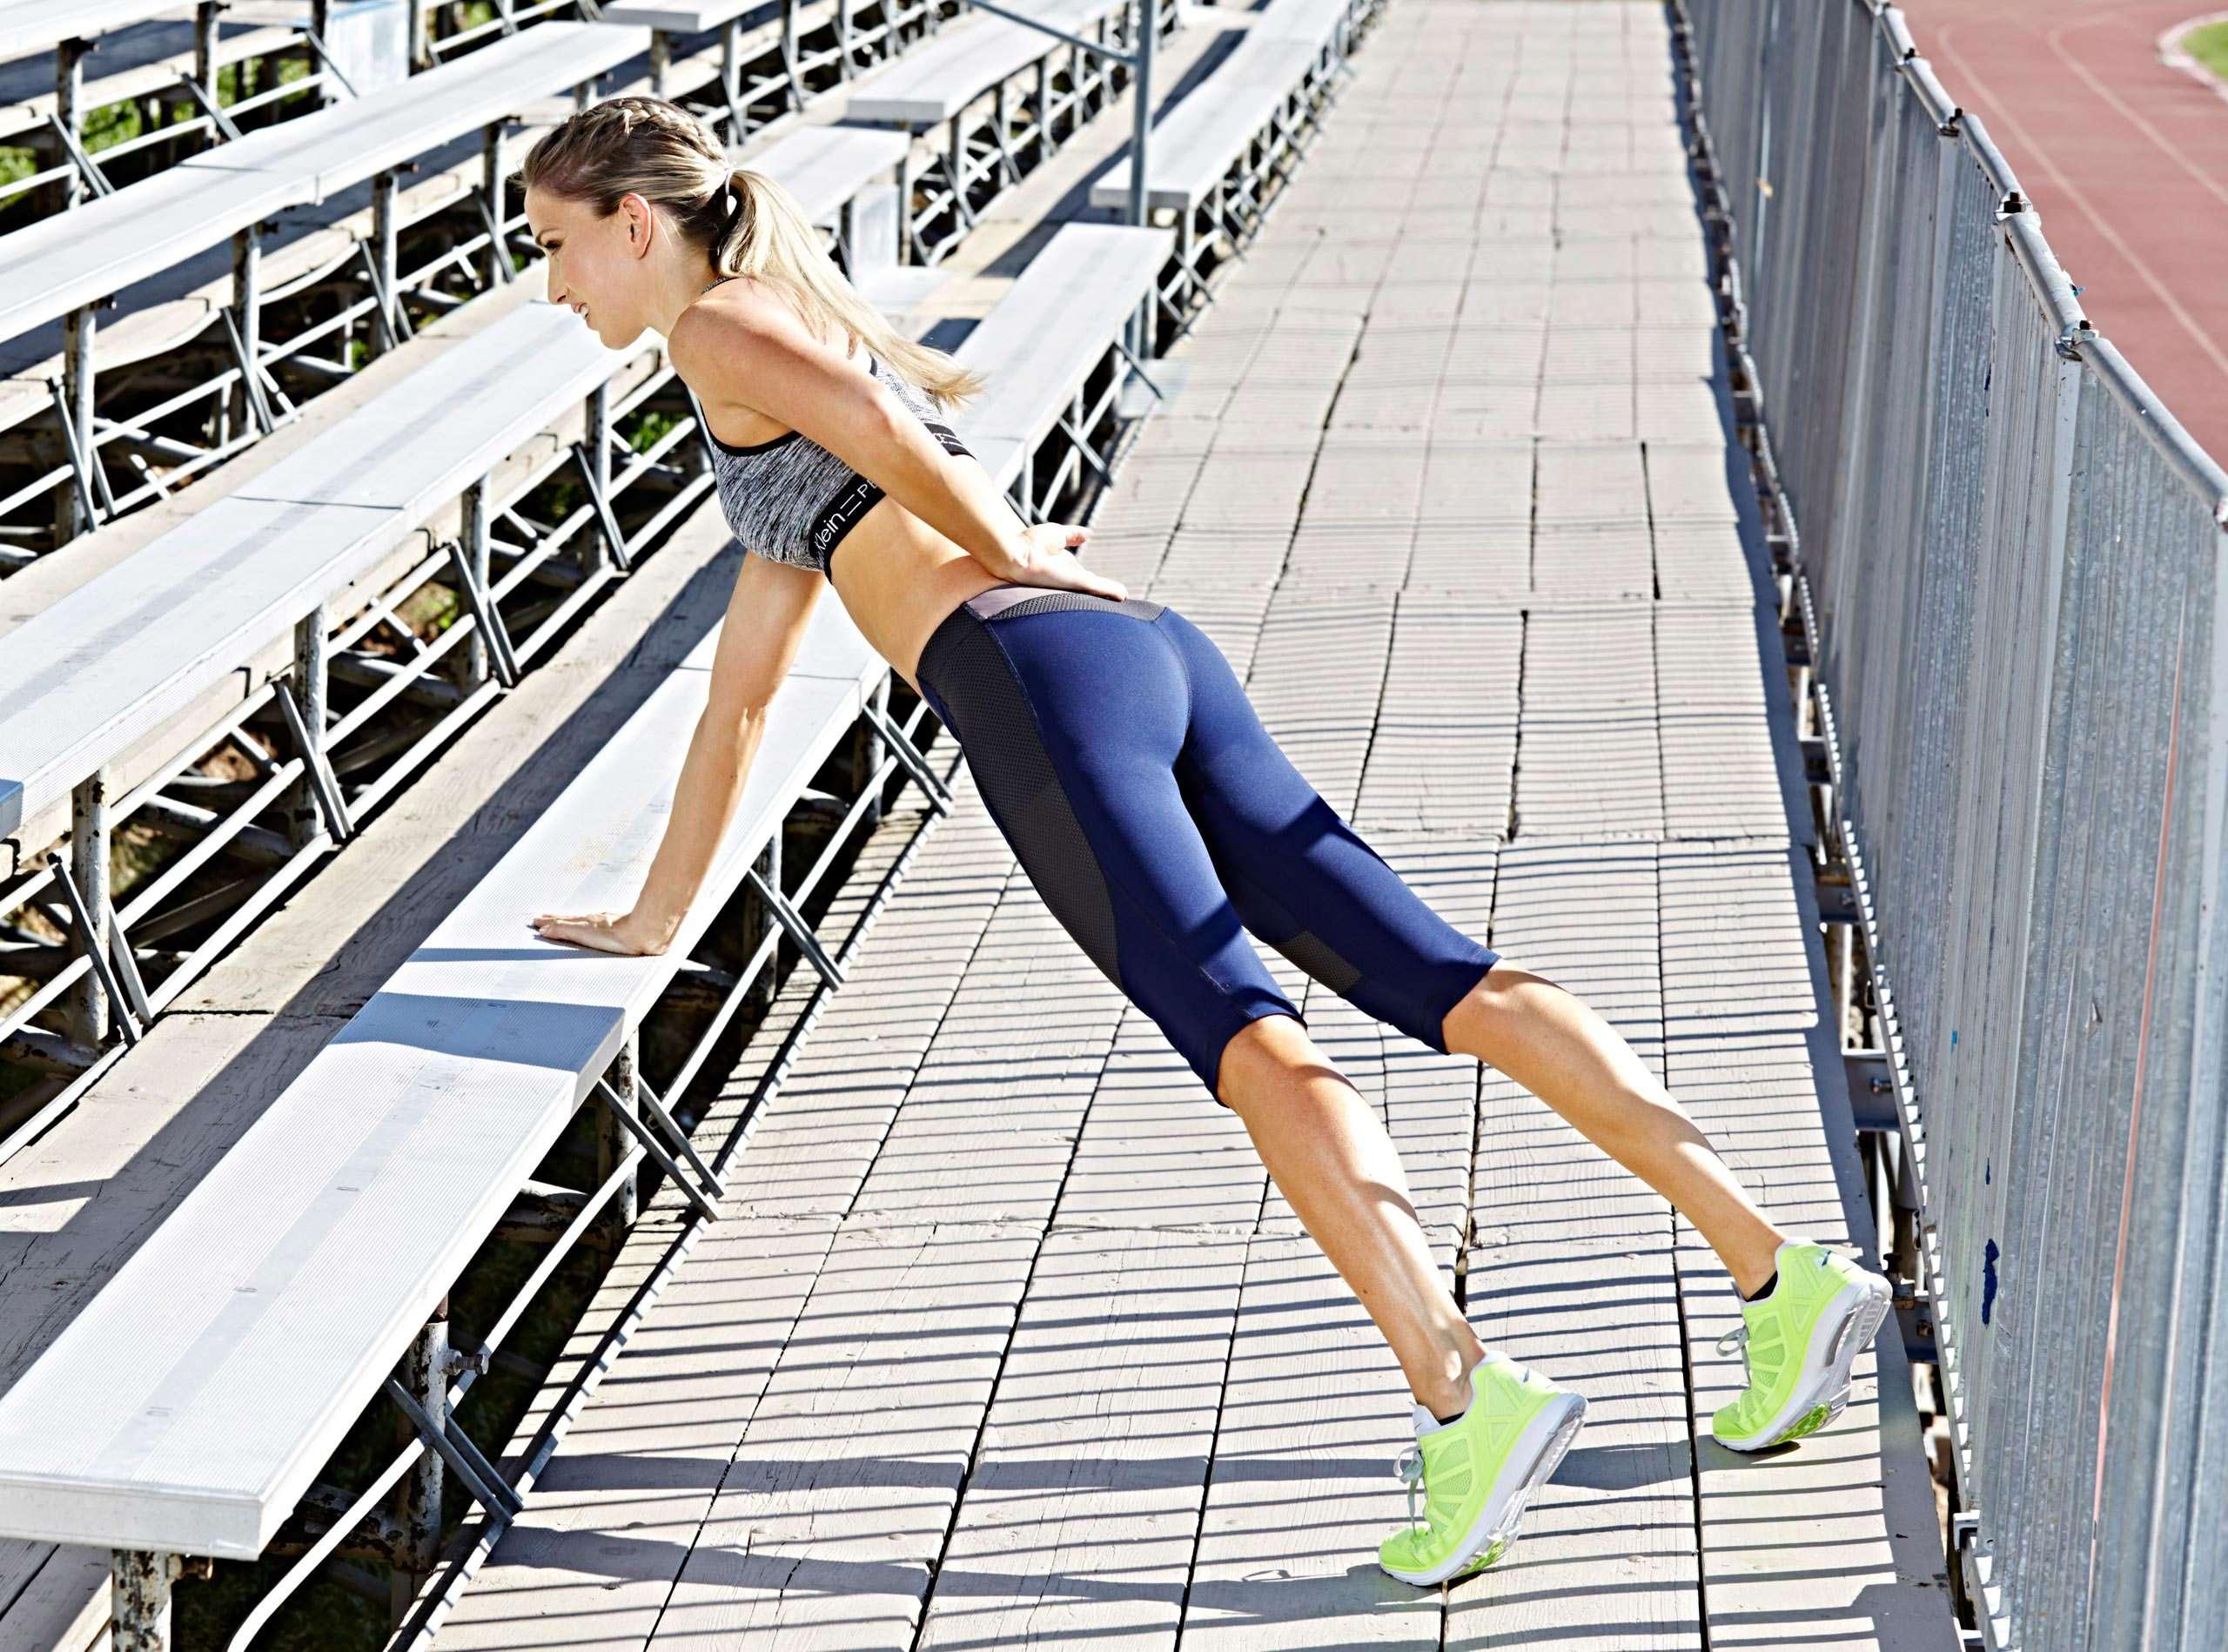 Astrid_Track1w.jpg